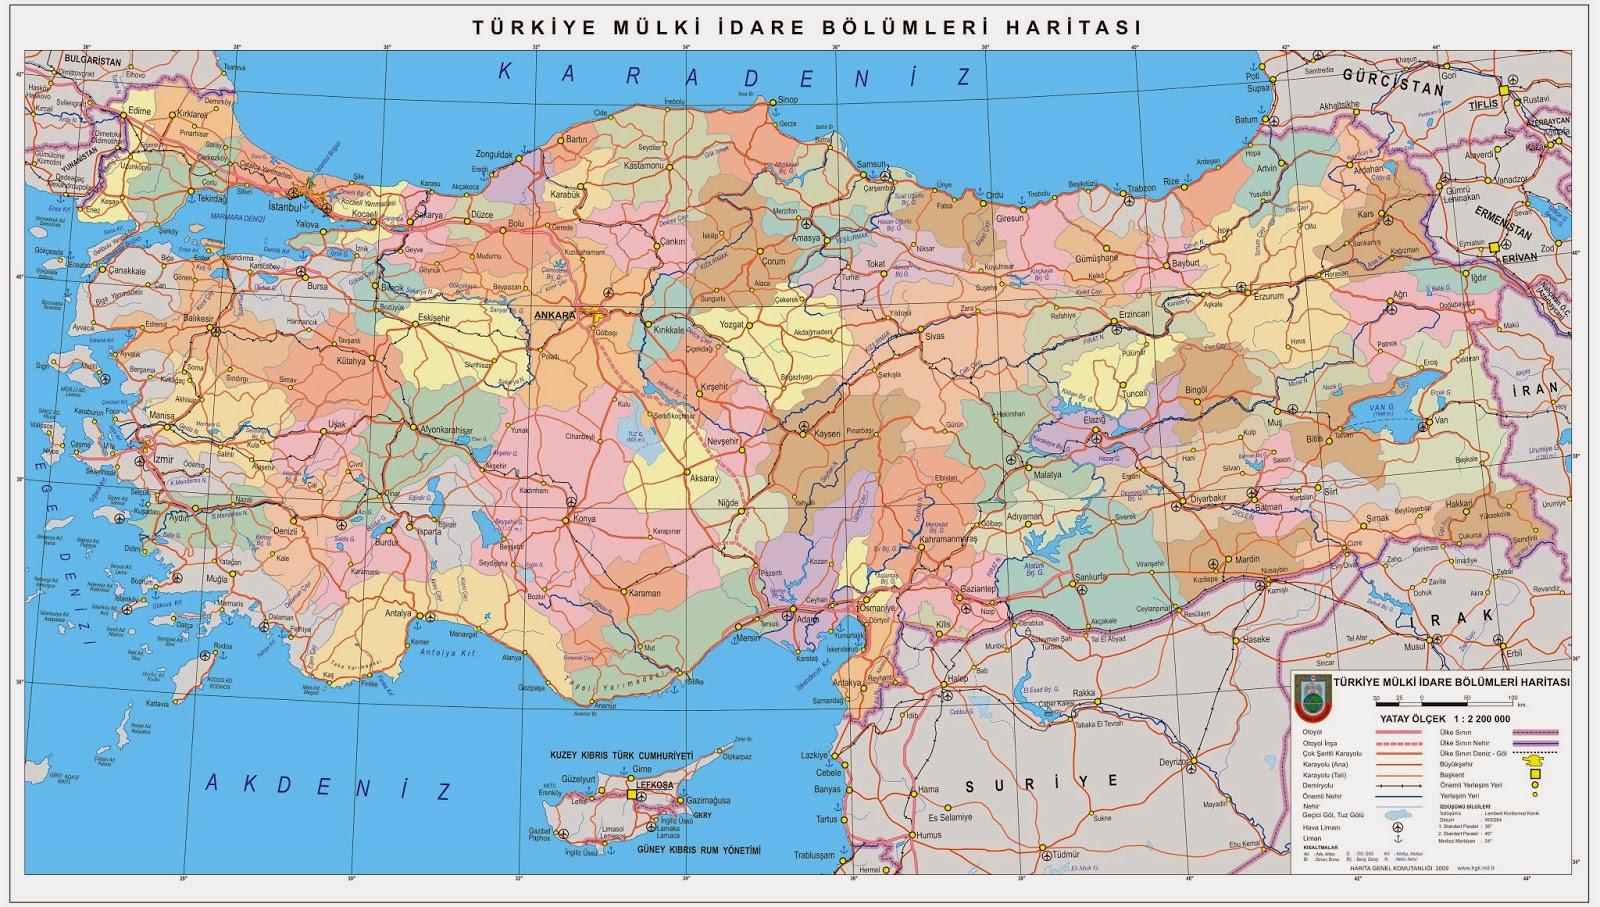 Jeolojik bölüm